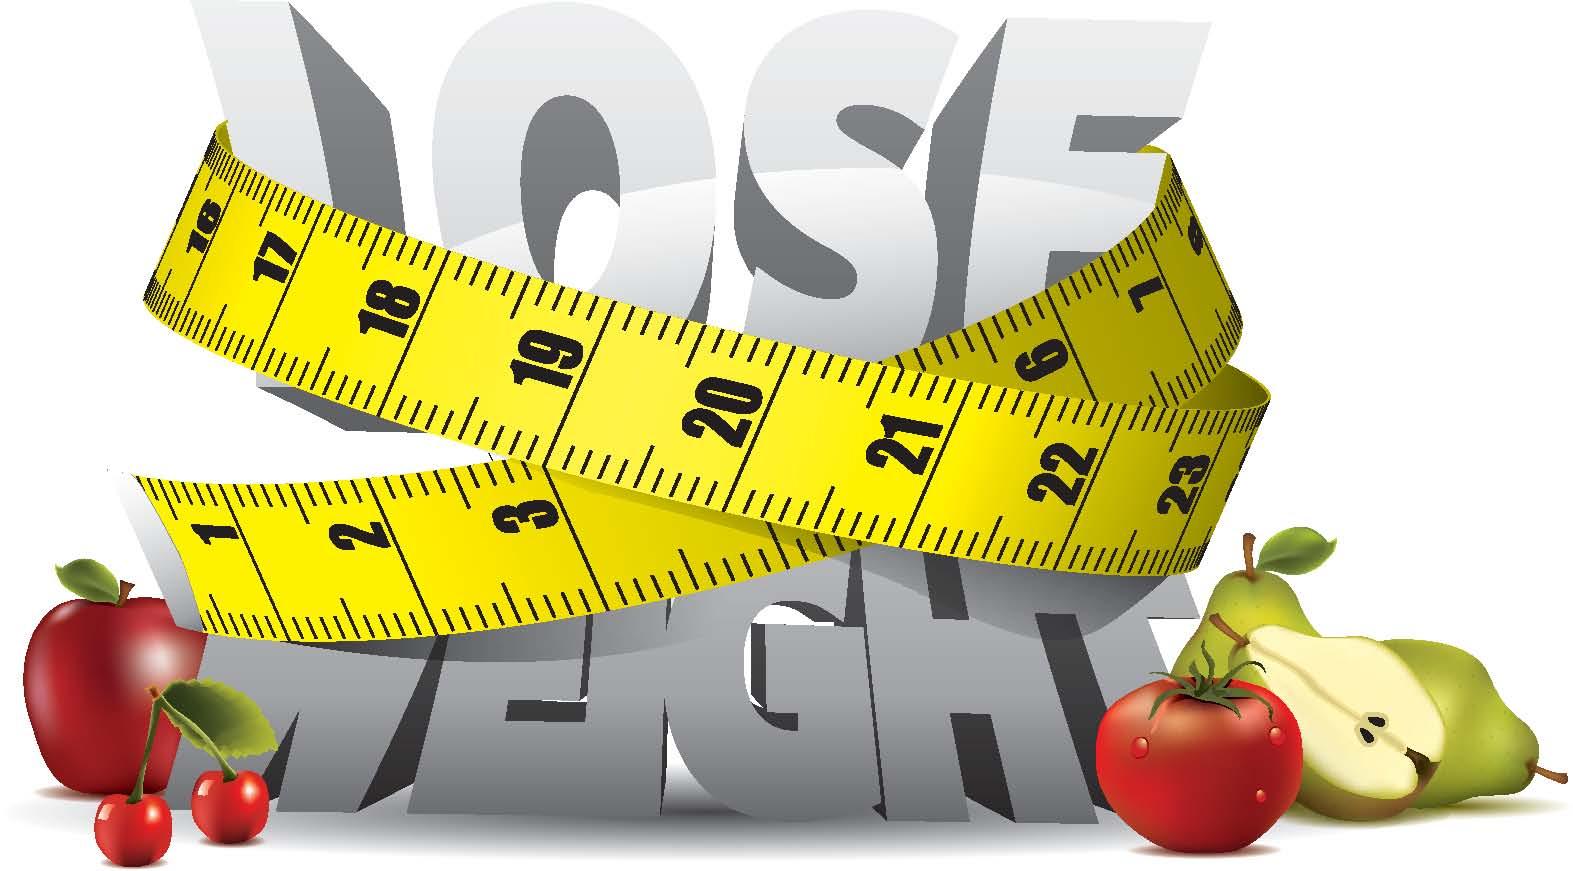 Ревюта на продукти за отслабване и здравословно хранене